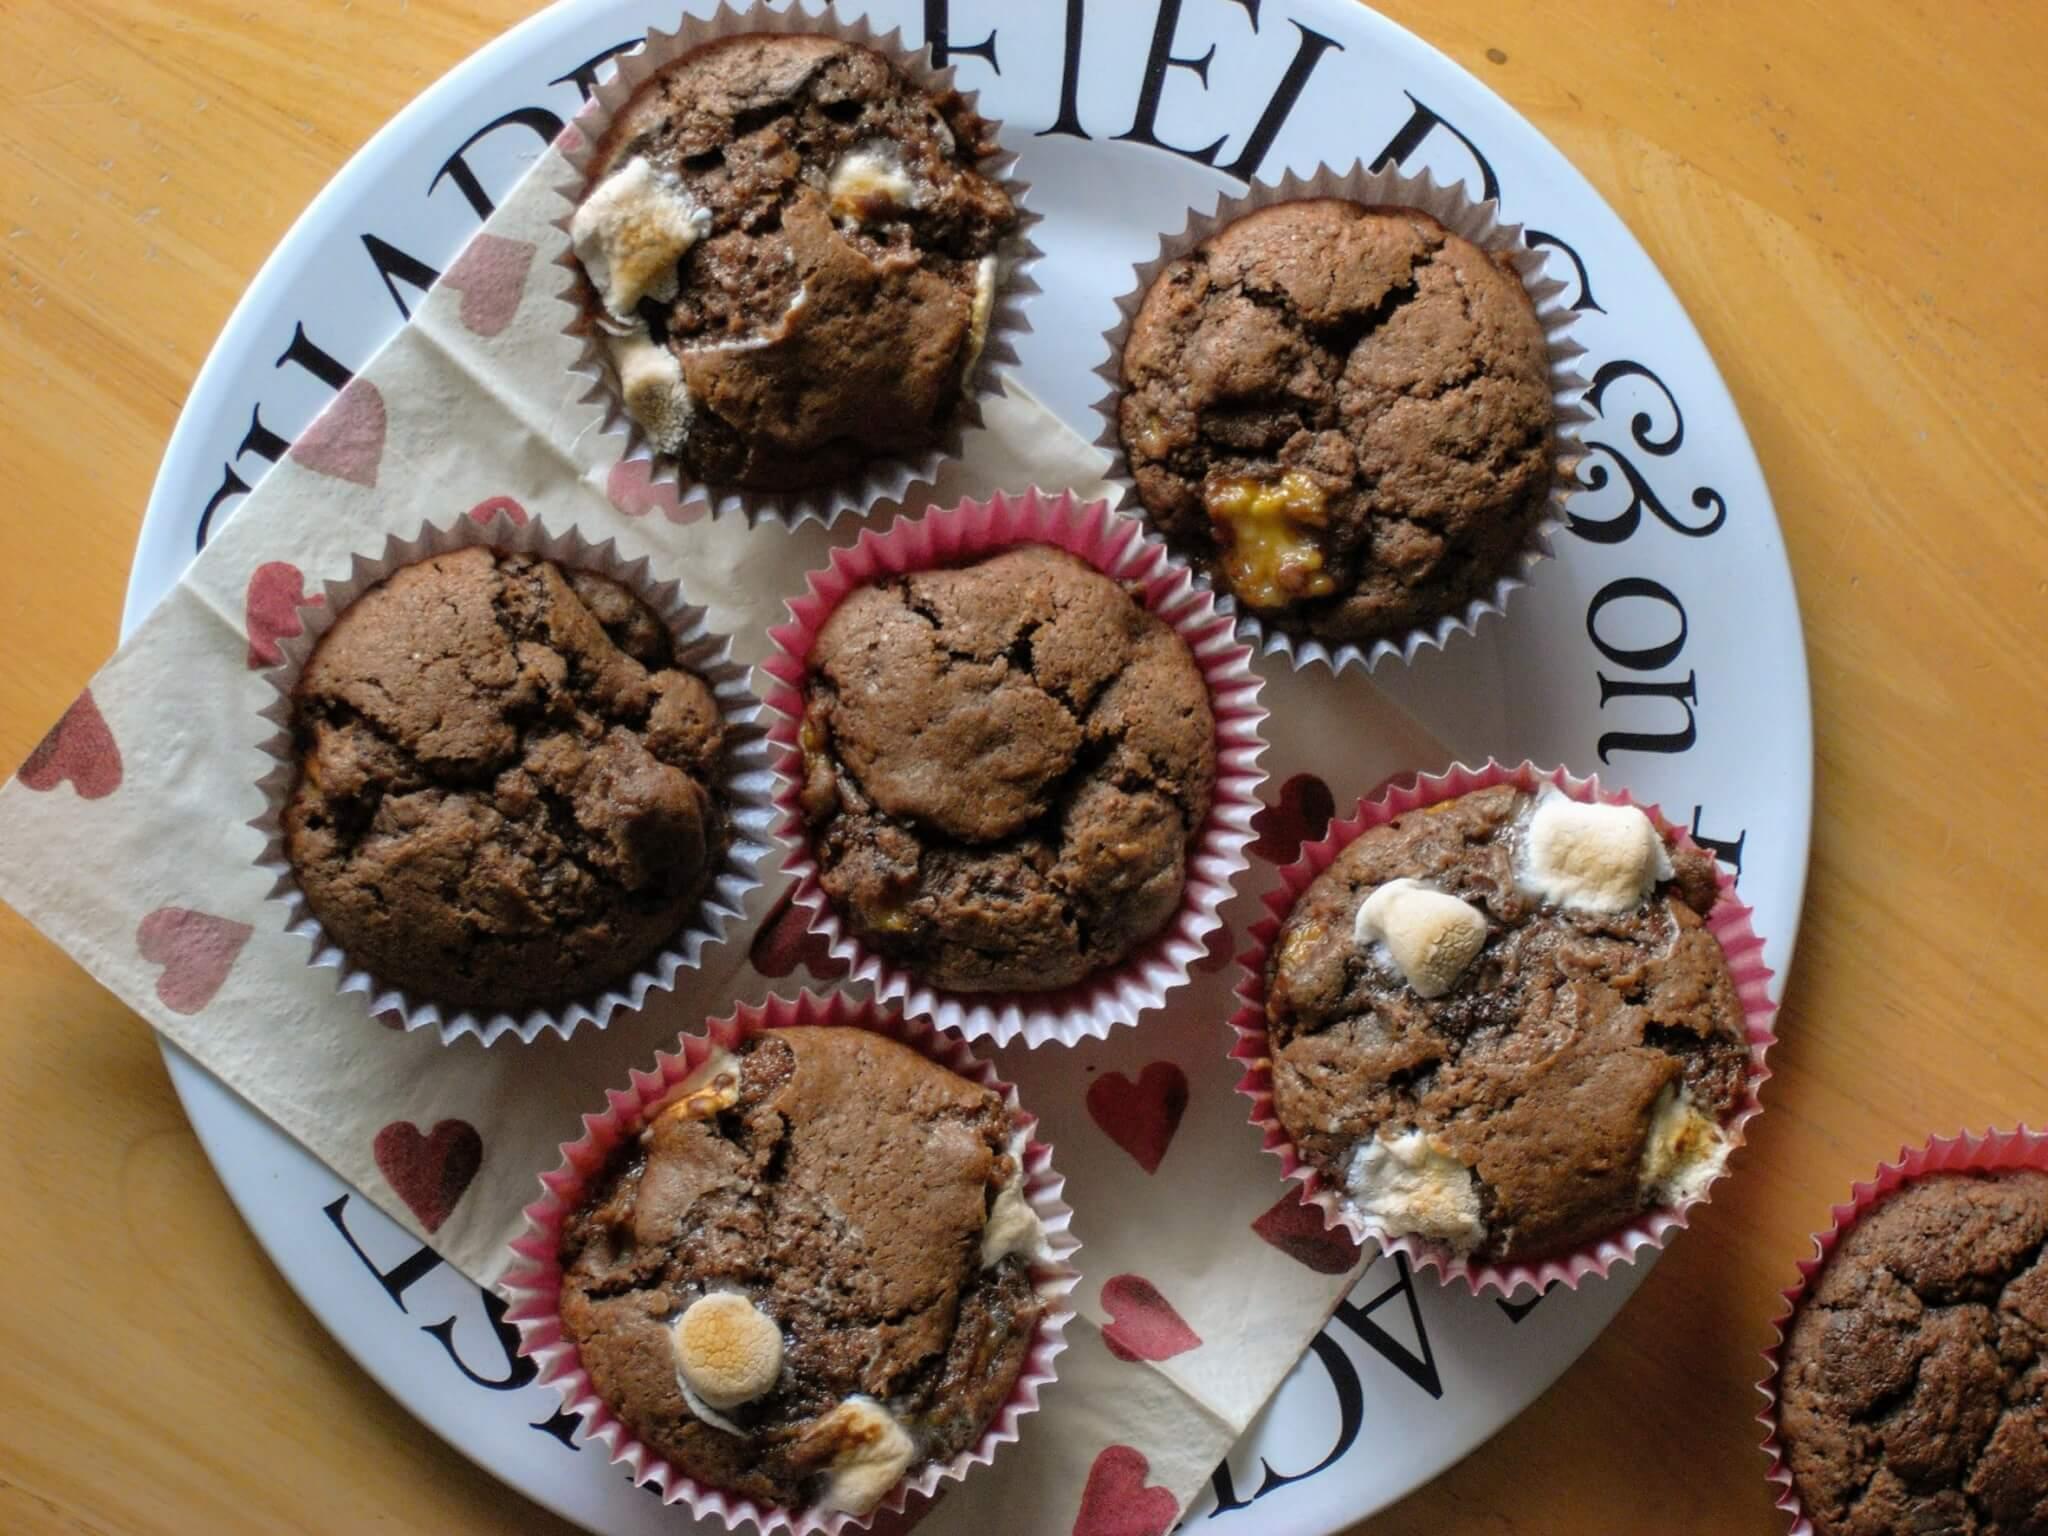 バレンタインのお菓子作りにおすすめのベーキングカップ Cupcake Creations